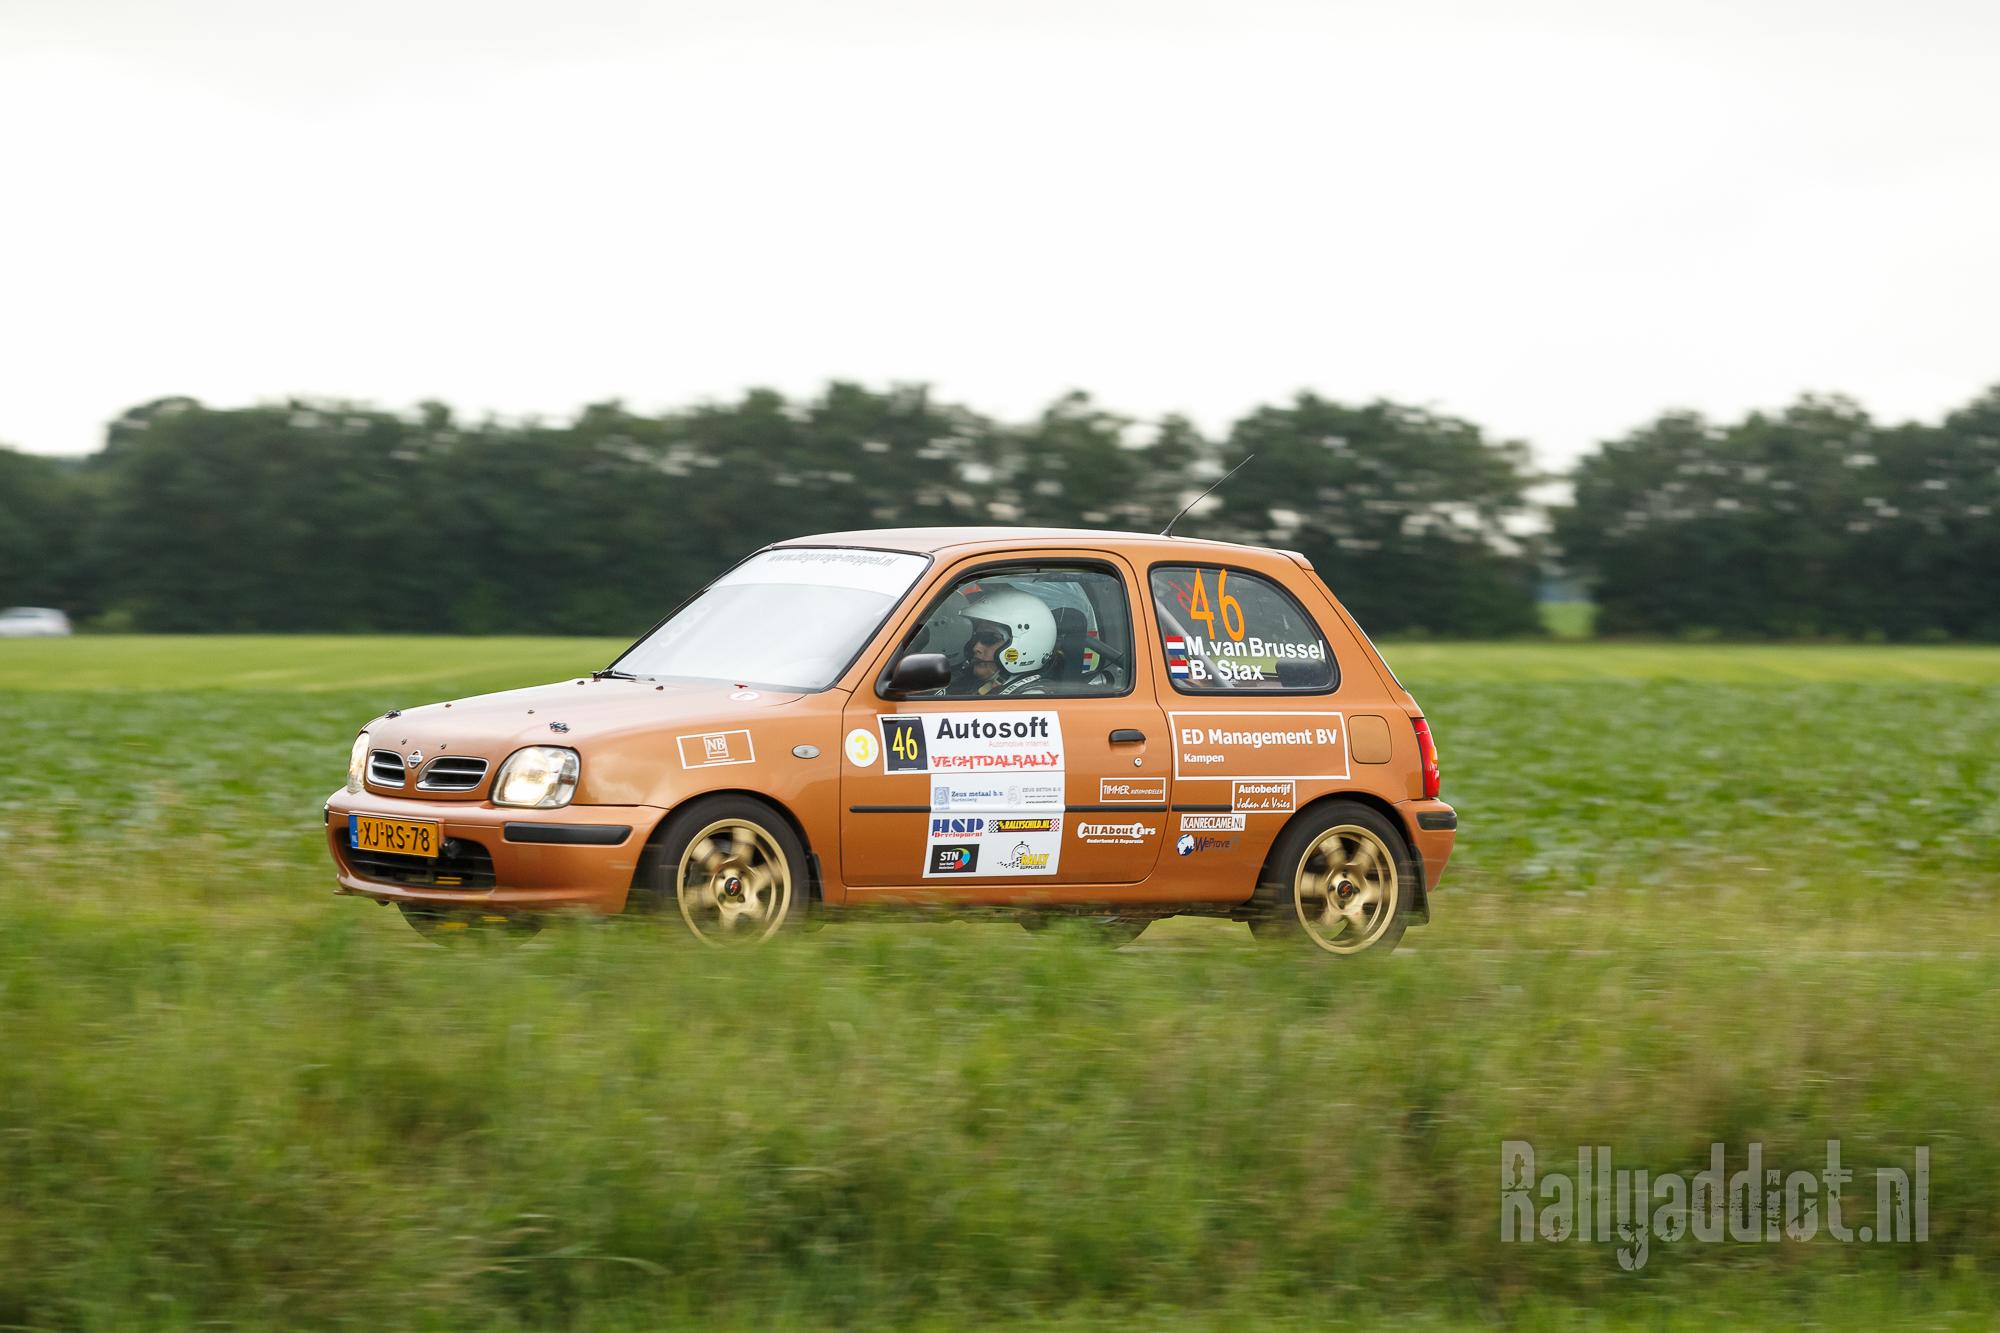 Ivo_Rijniersce-rallyaddict-vechtdal-IR5D2034